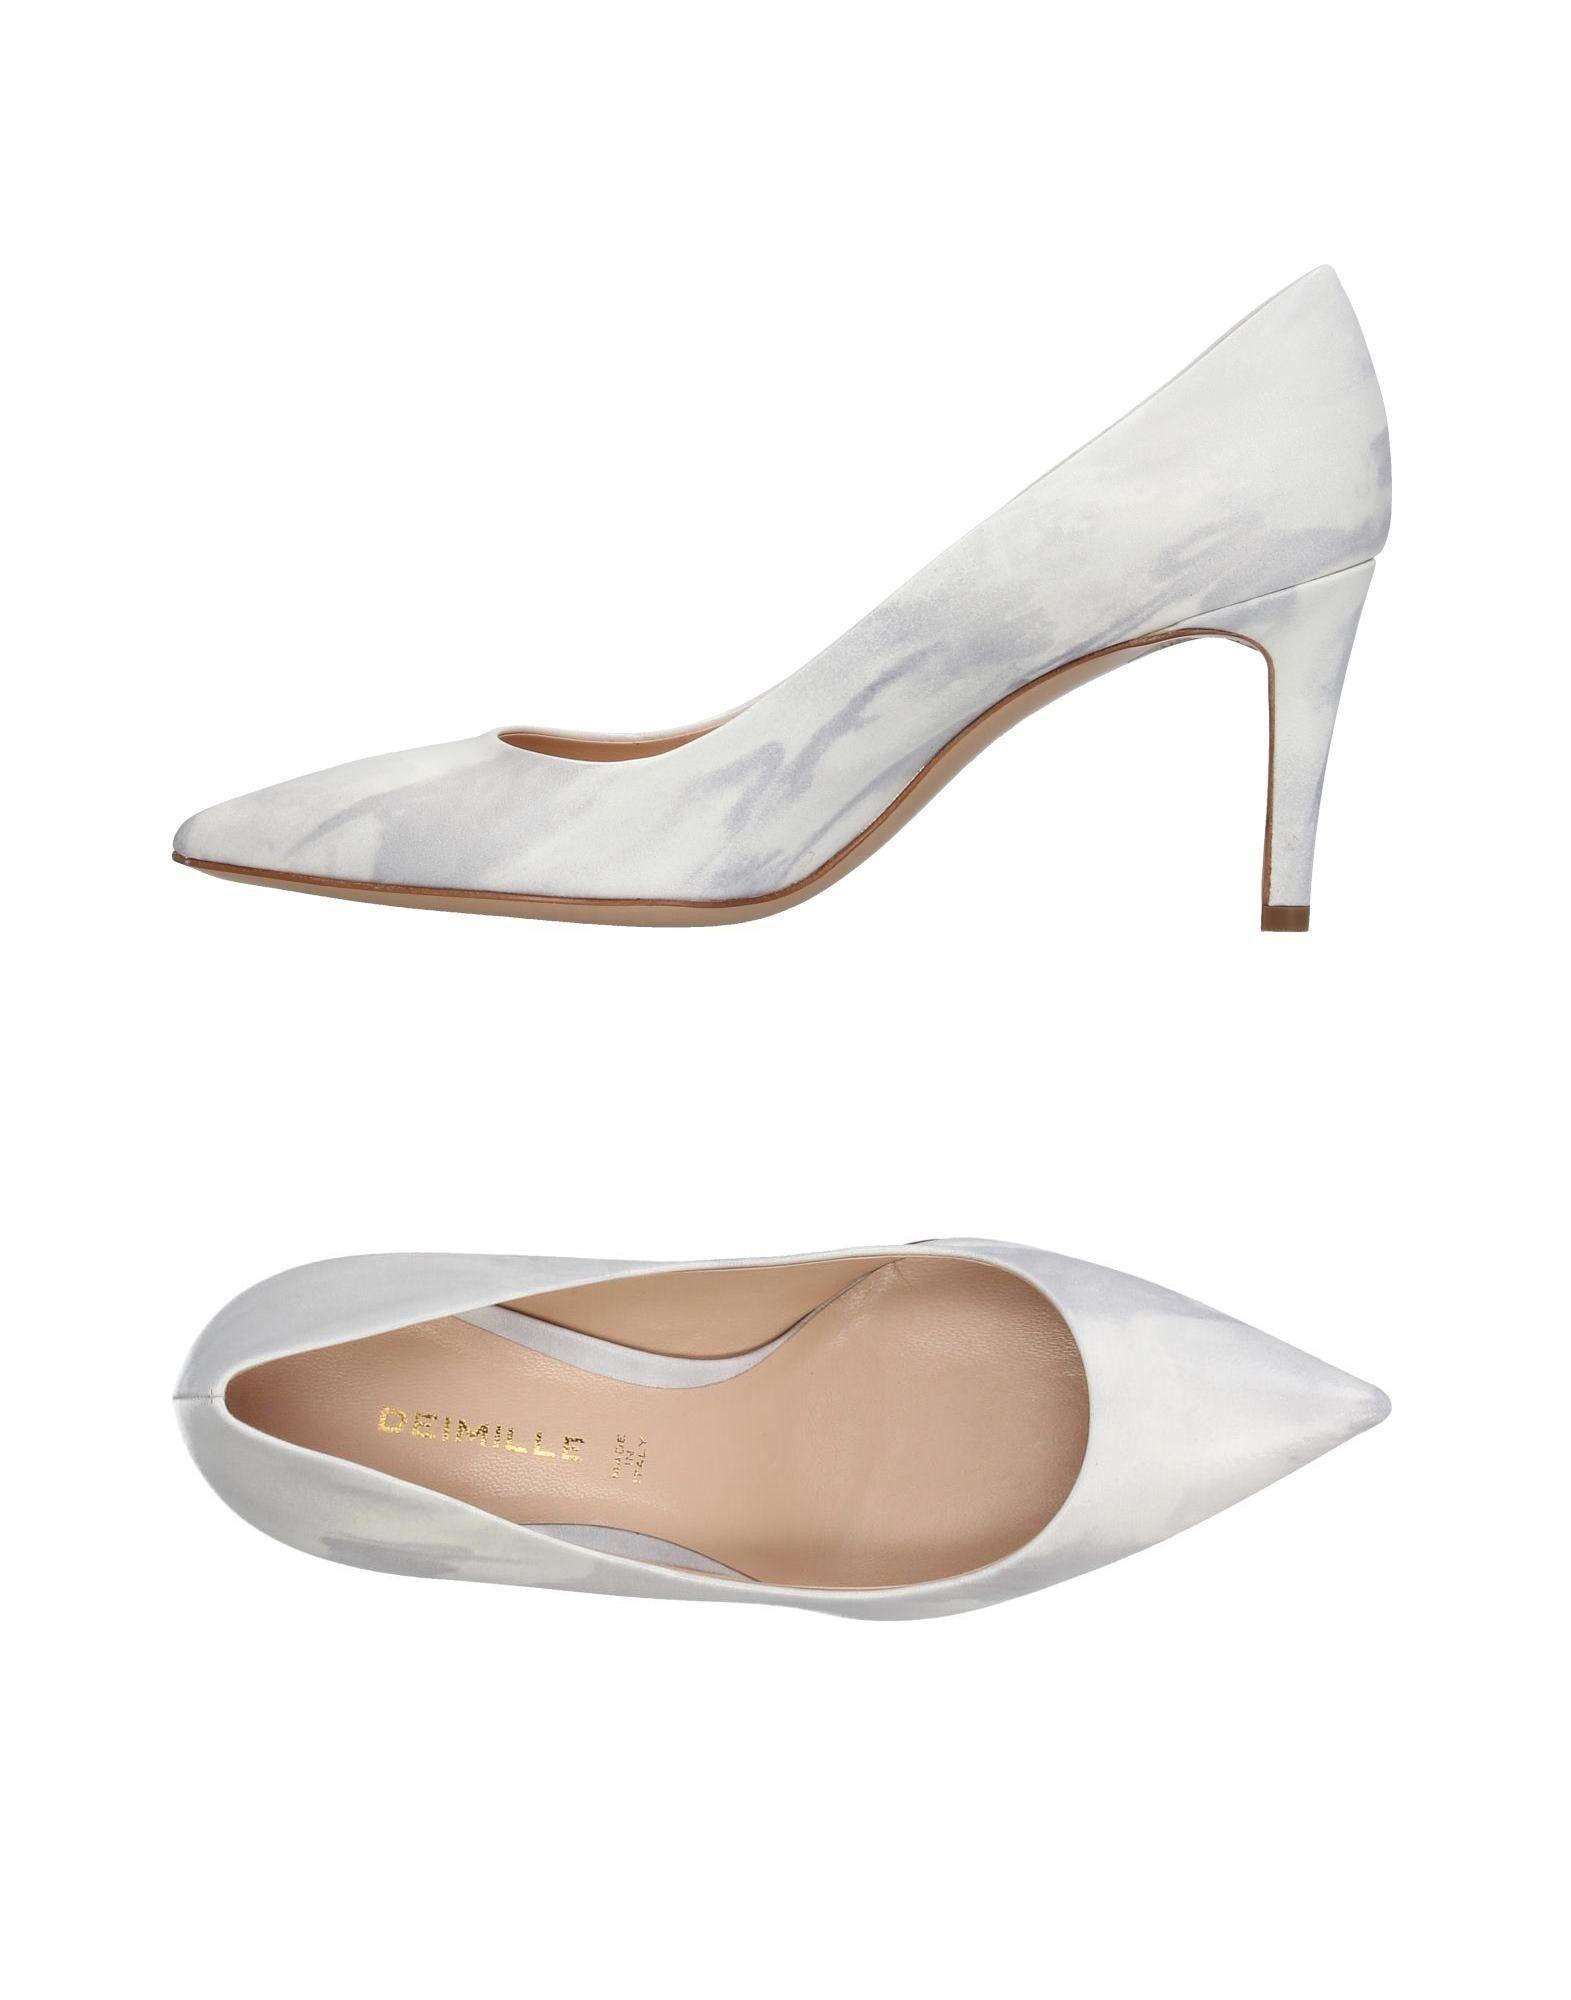 Deimille Pumps Damen  11365309ME Gute Qualität beliebte Schuhe Schuhe Schuhe b2fe68